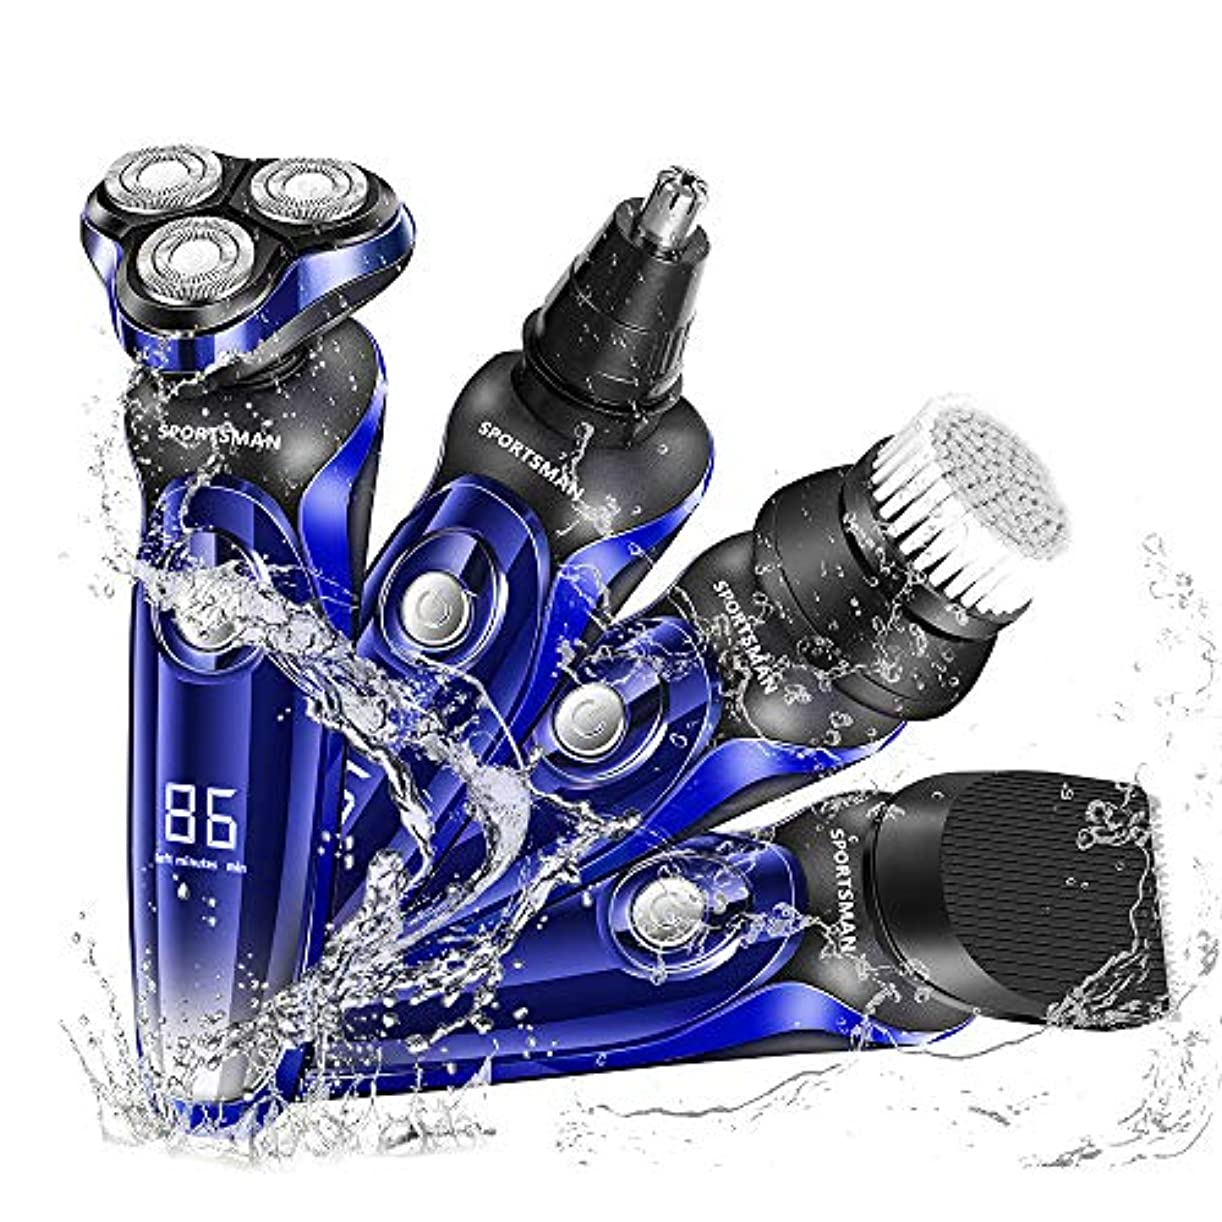 化学薬品パラダイスるシェーバー 電気シェーバー 電動シェーバー メンズ 髭剃り 電動バリカン 一台四役 鼻毛カッター 洗顔ブラシ付き 回転式ロータ リシェーバー USB充電式 LEDディスプレイ IPX7防水 丸洗い可